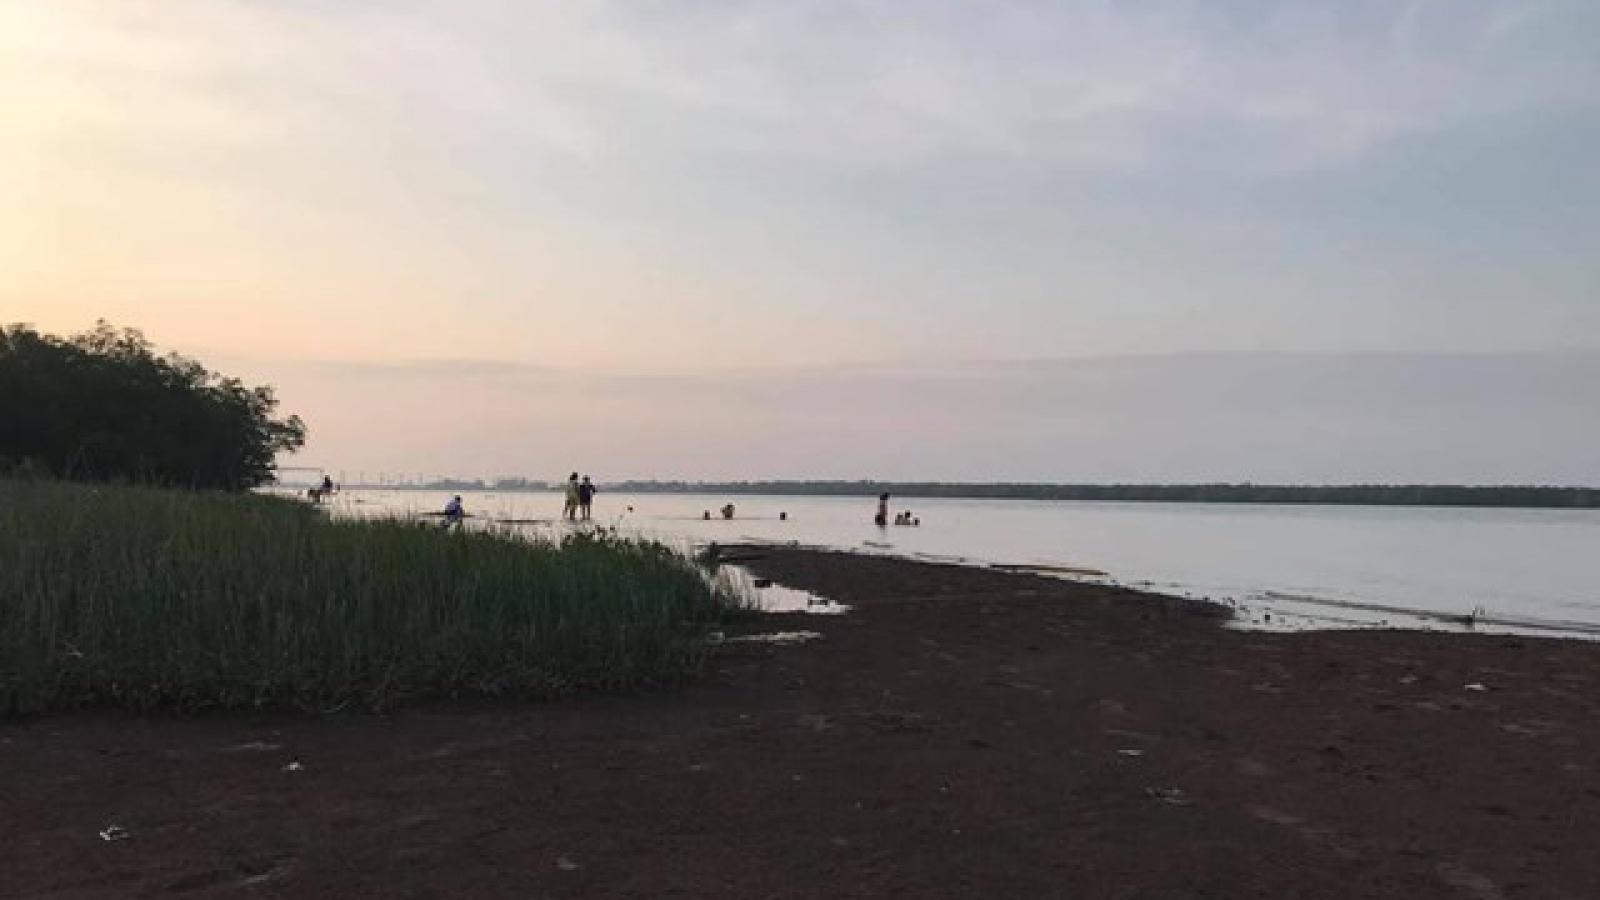 Đi tắm biển với nhóm bạn, nam thanh niên 20 tuổi bị đuối nước